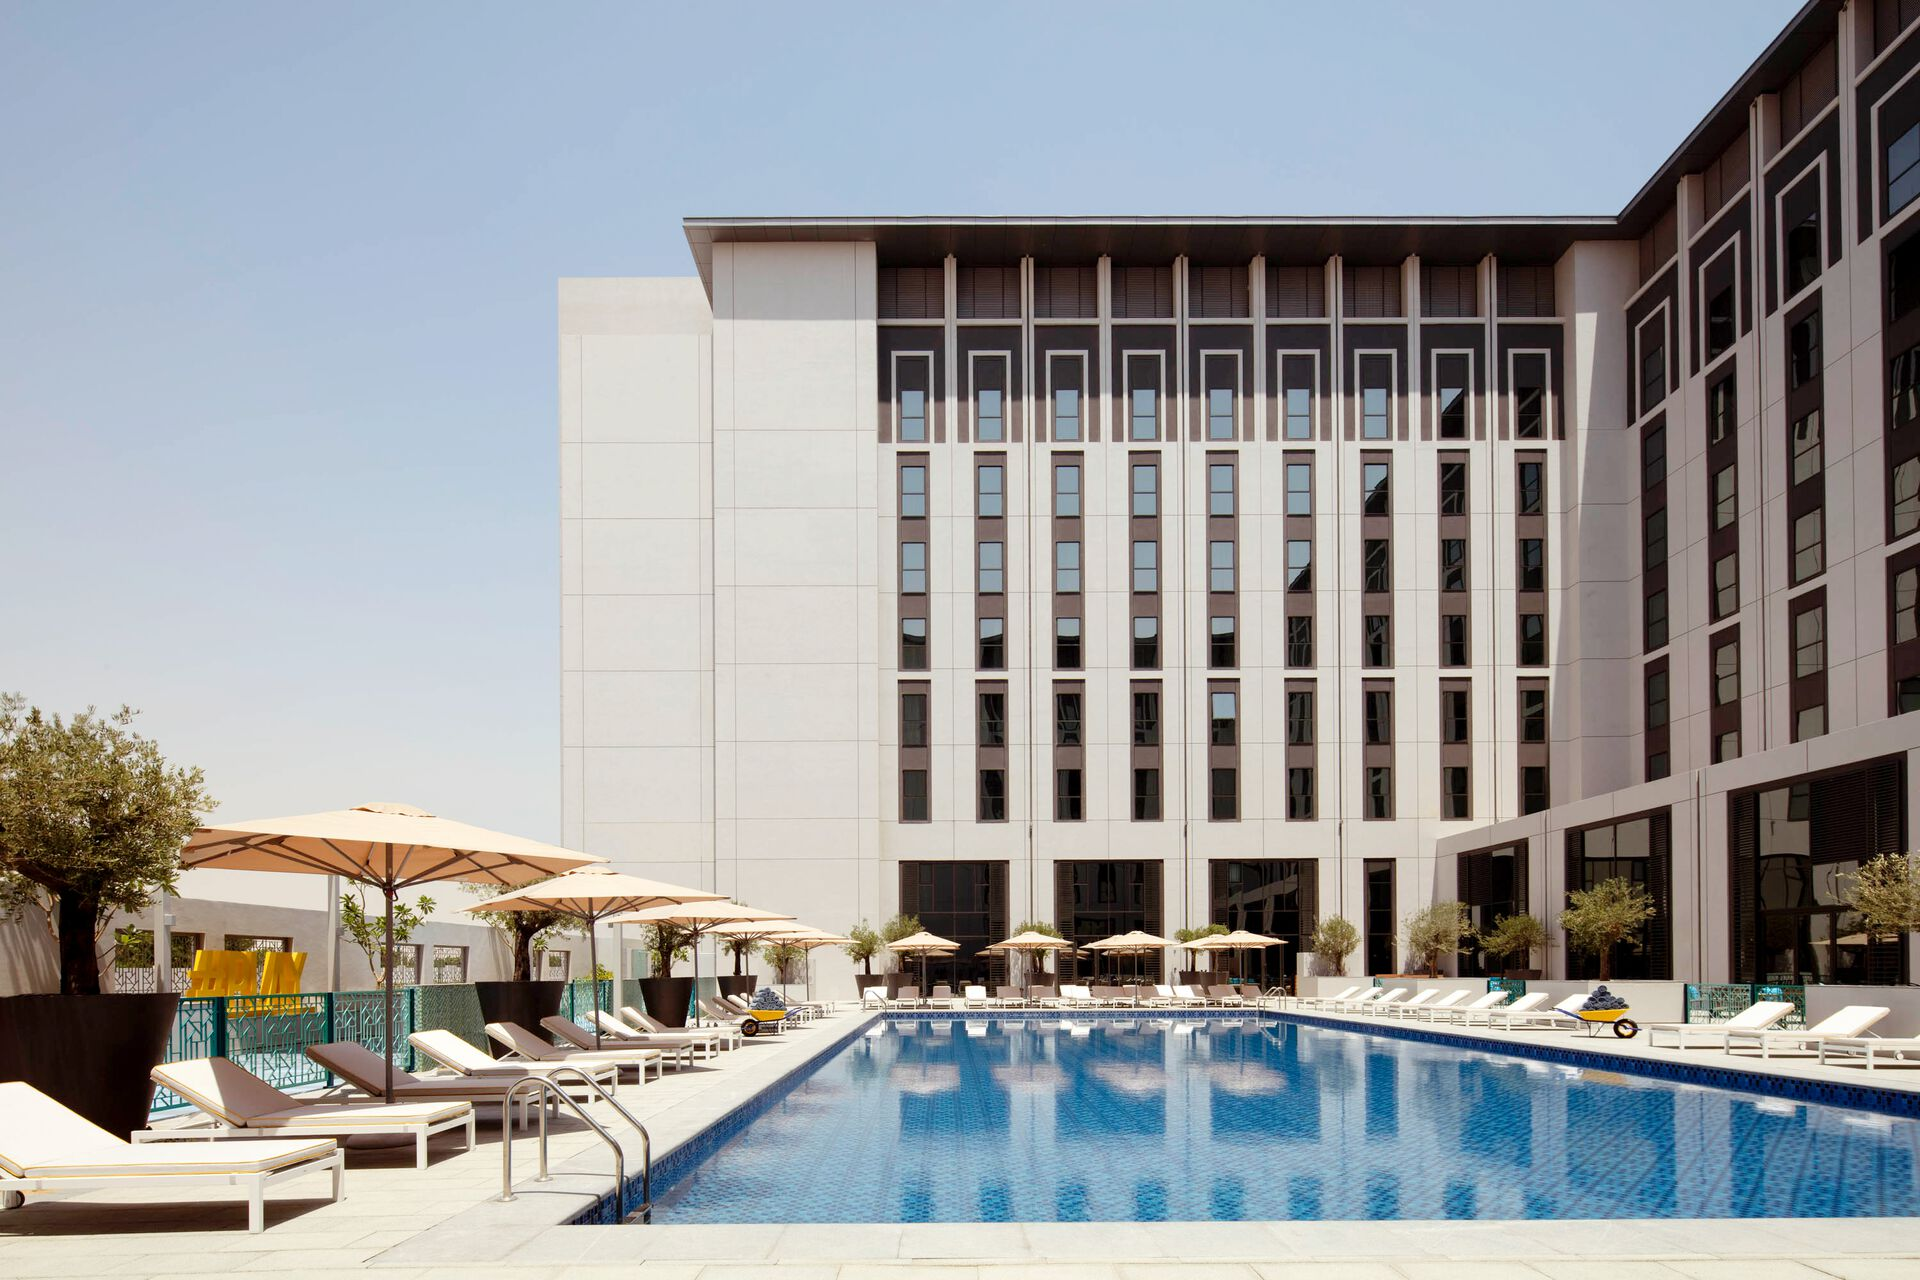 Emirats Arabes Unis - Dubaï - Hôtel Rove The Park 3*